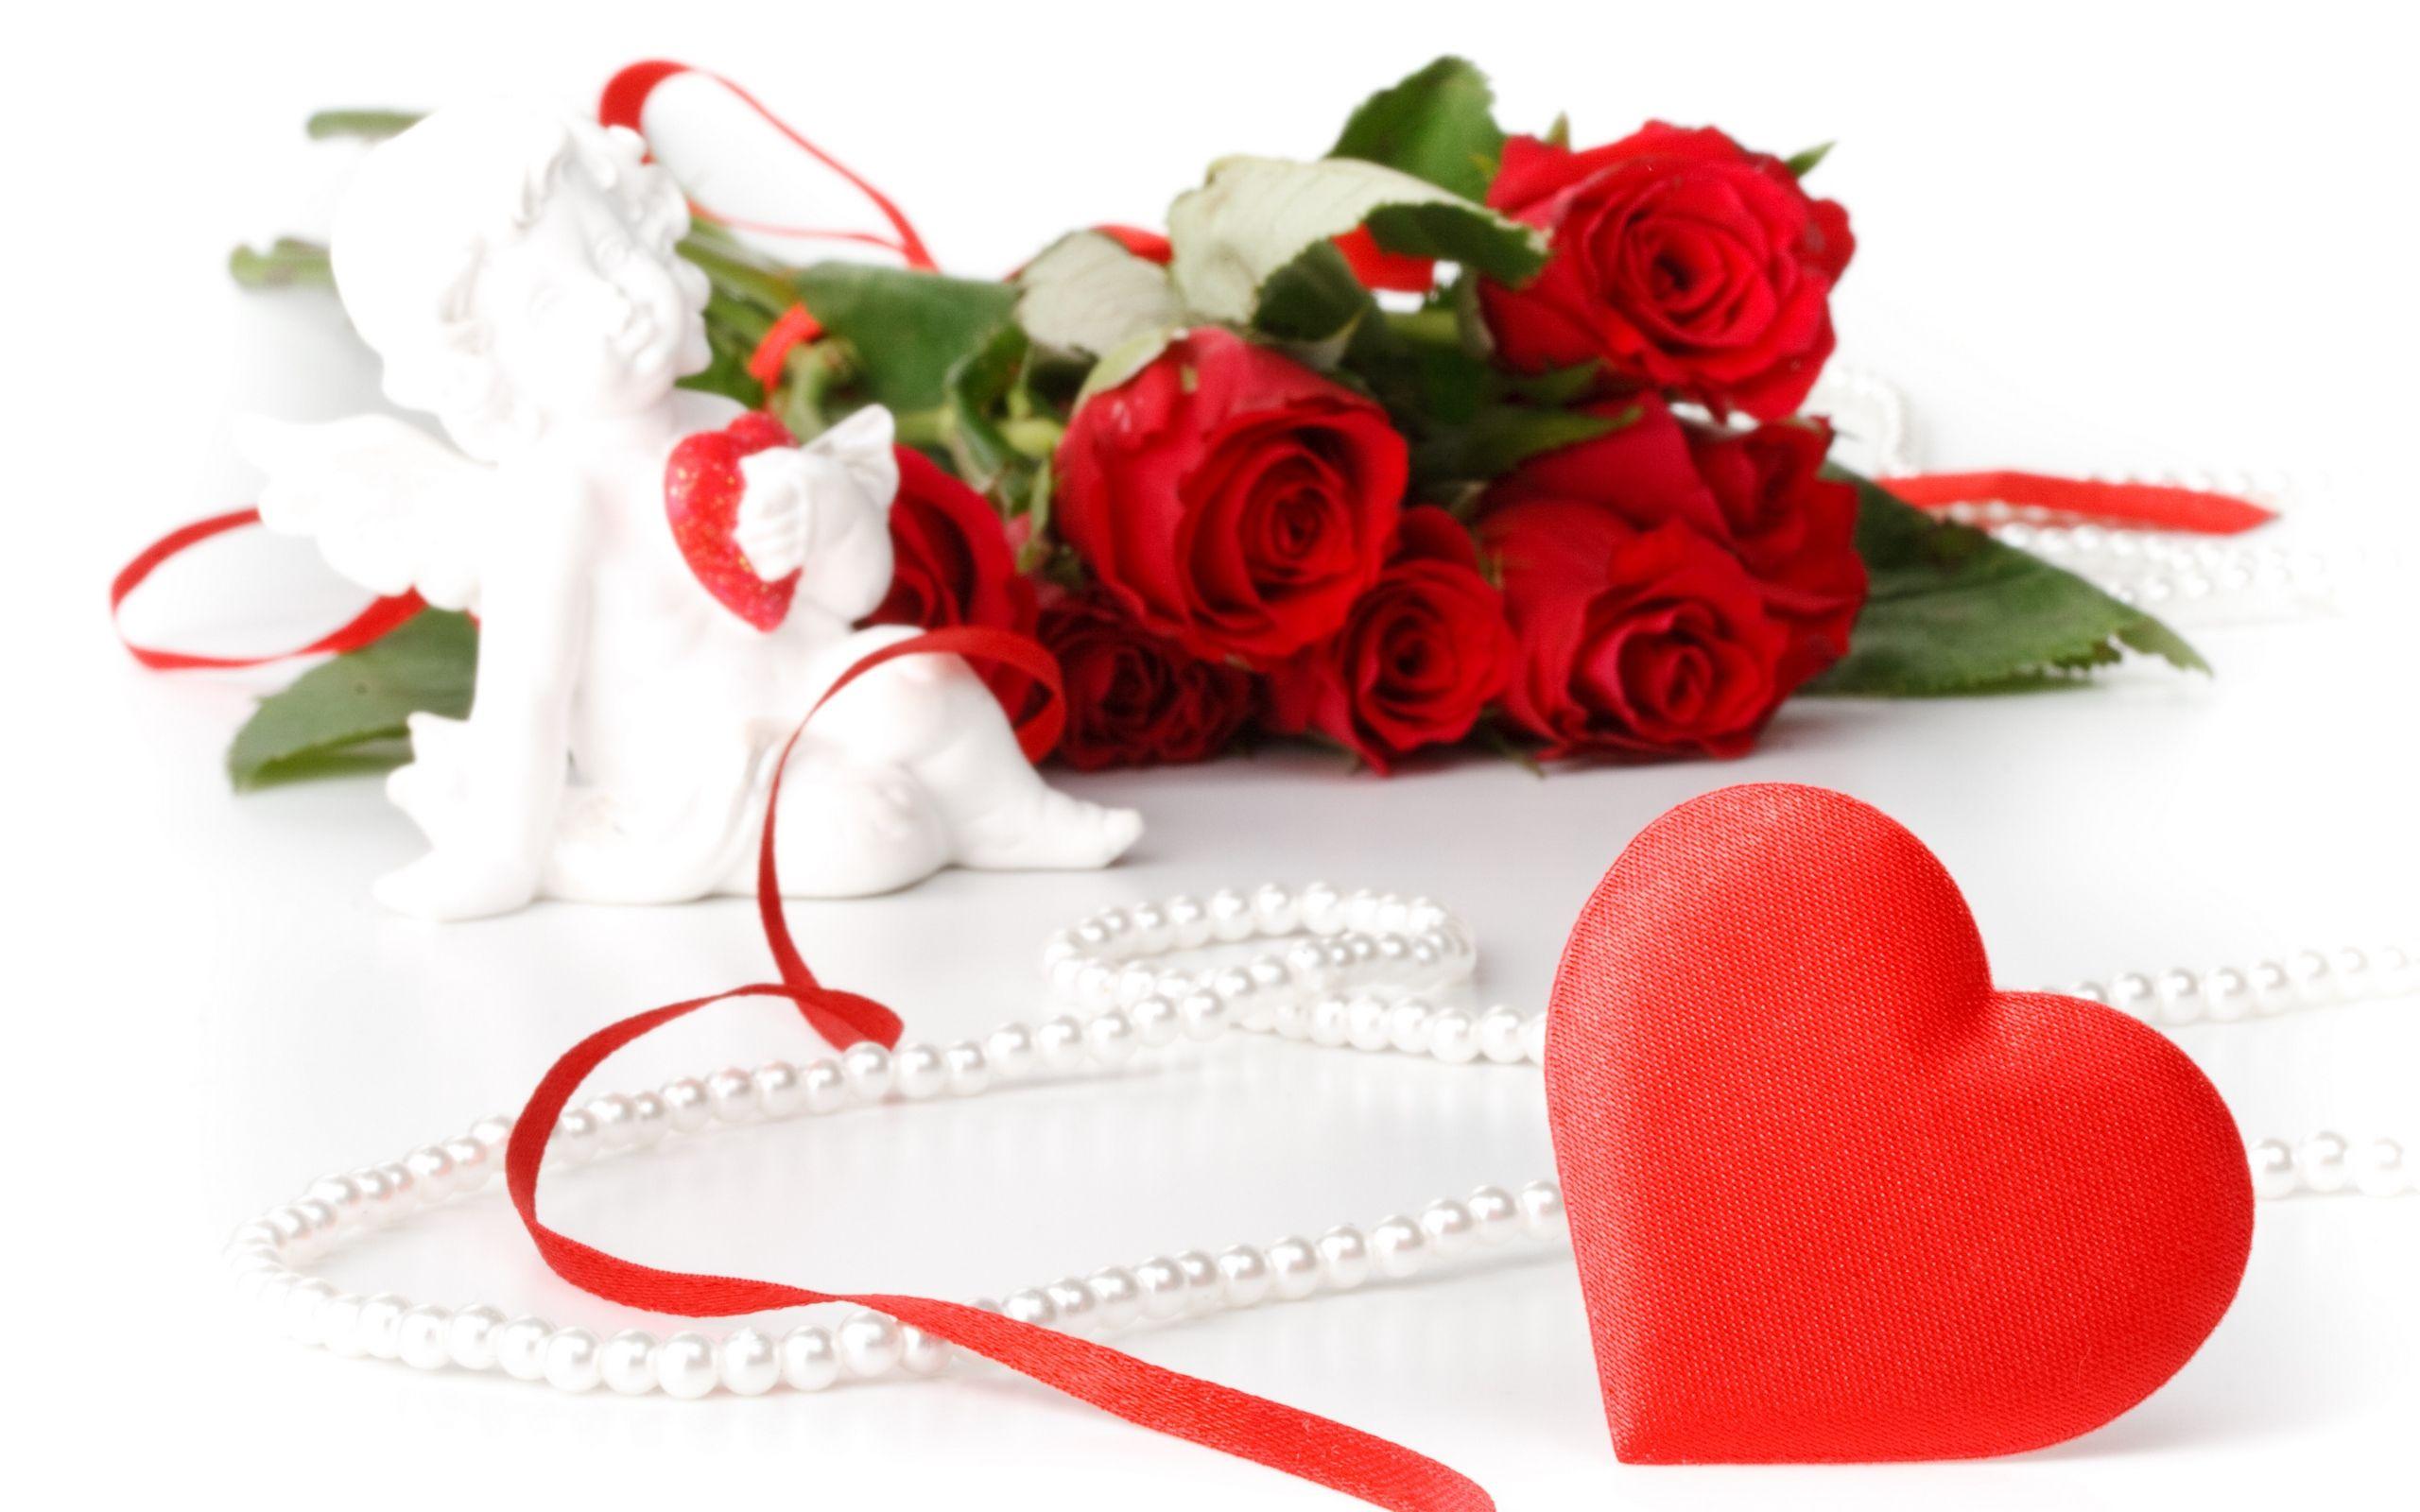 Валентинка открытка для любимой, открыток картинки парусных